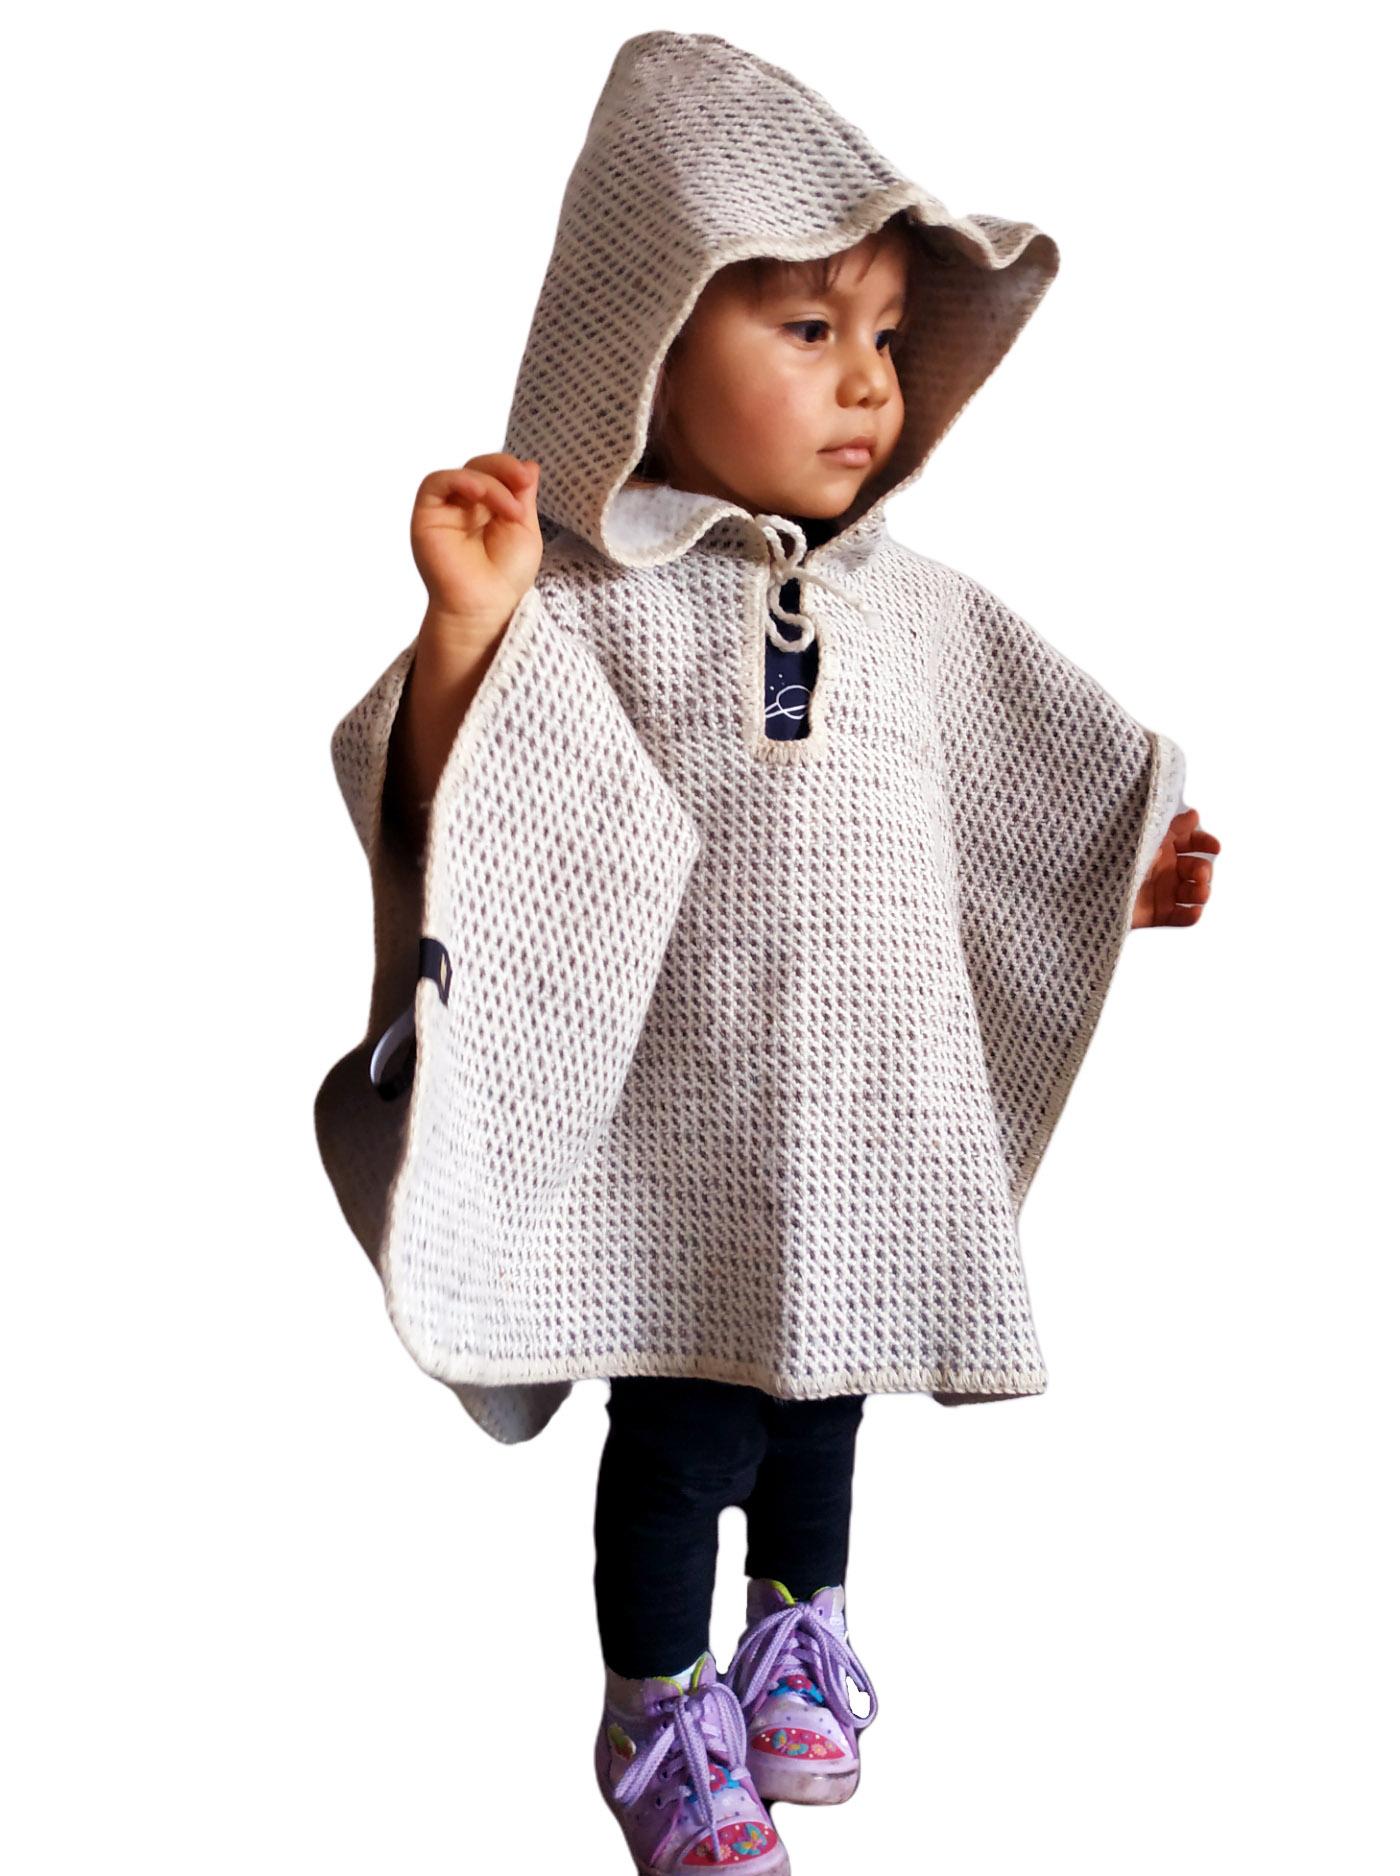 Ruana con capota para niños en lana de oveja